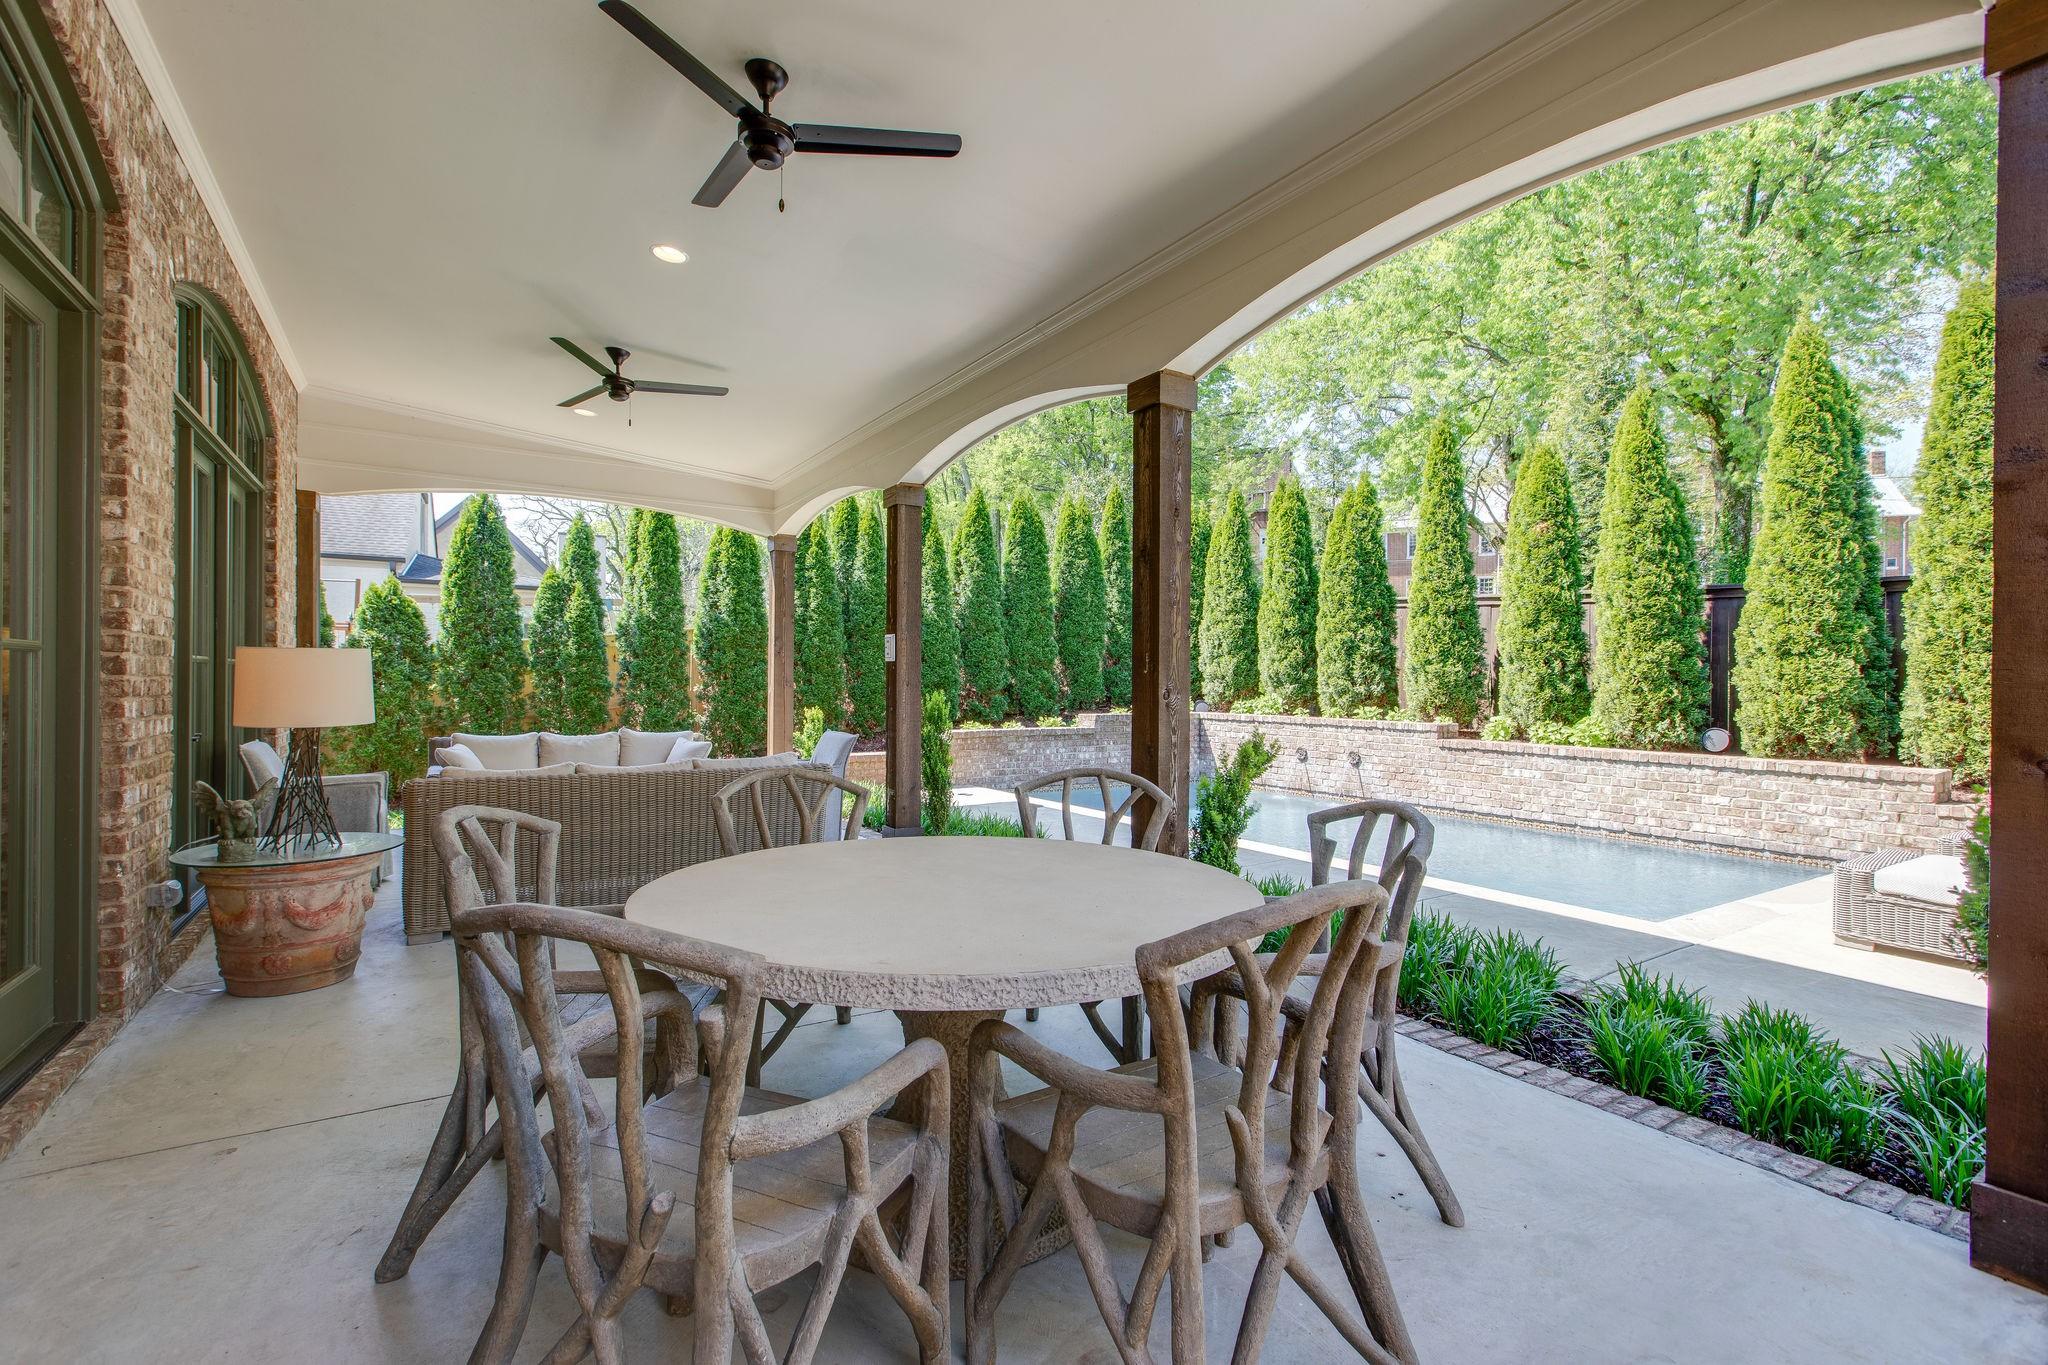 1320 Duncanwood Ct, Nashville, TN 37204 - Nashville, TN real estate listing